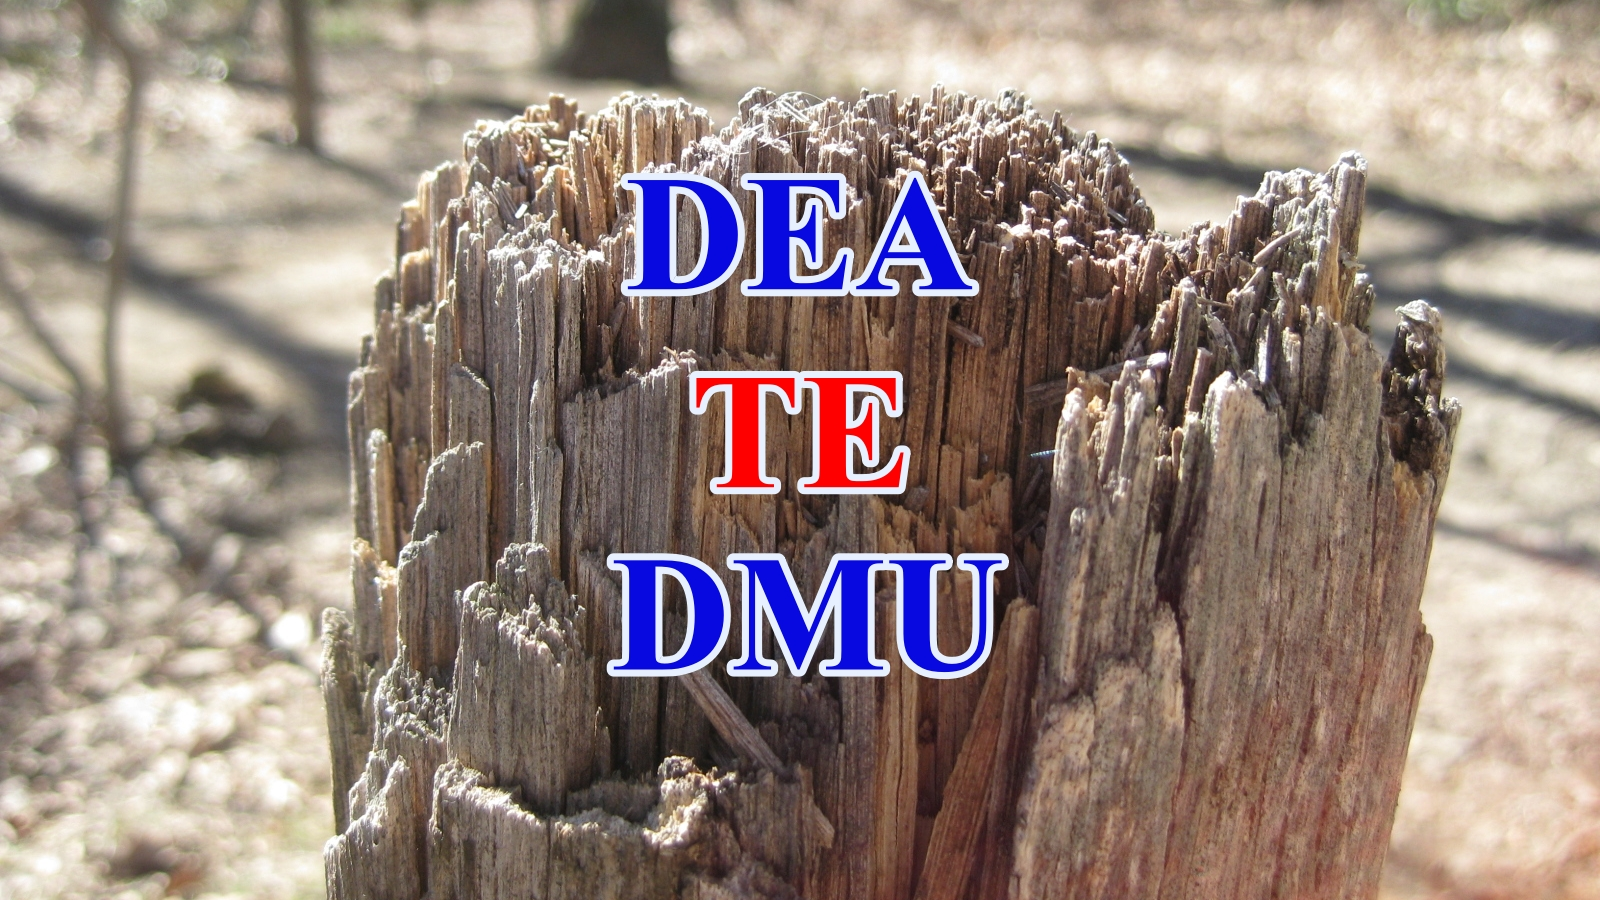 dea te dmu - Phân tích bao dữ liệu DEA Hiệu quả kỹ thuật